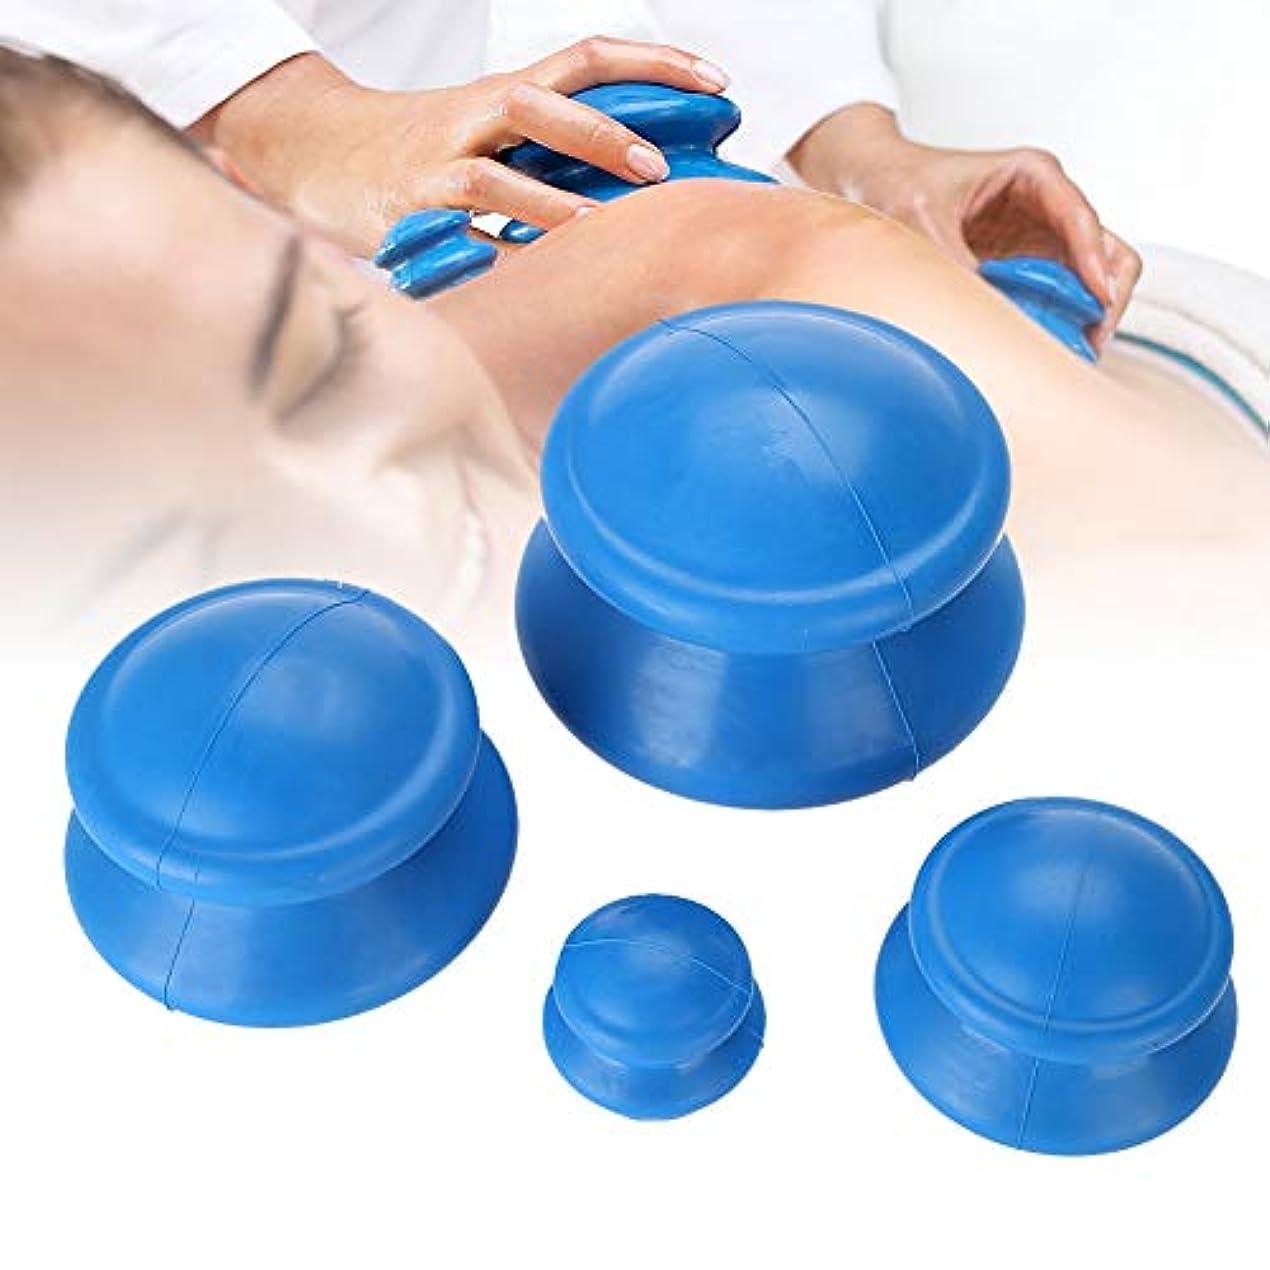 炭水化物専門唇シリコーンカッピングセット、筋肉痛、鎮痛、傷害回復、調色のための4本の真空カップヘルスケア旅行セット